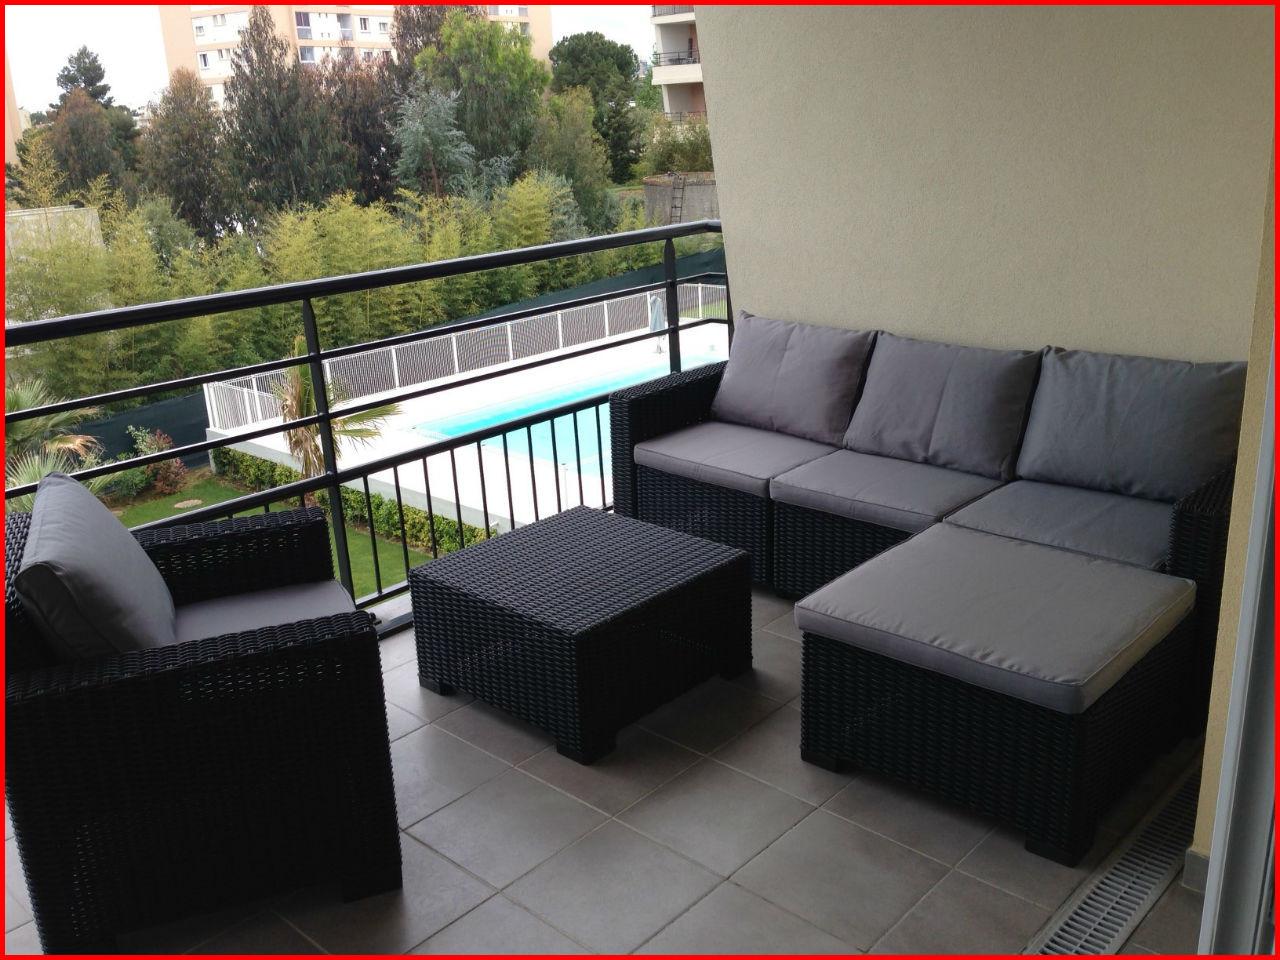 Table de jardin ou terrasse - veranda-styledevie.fr